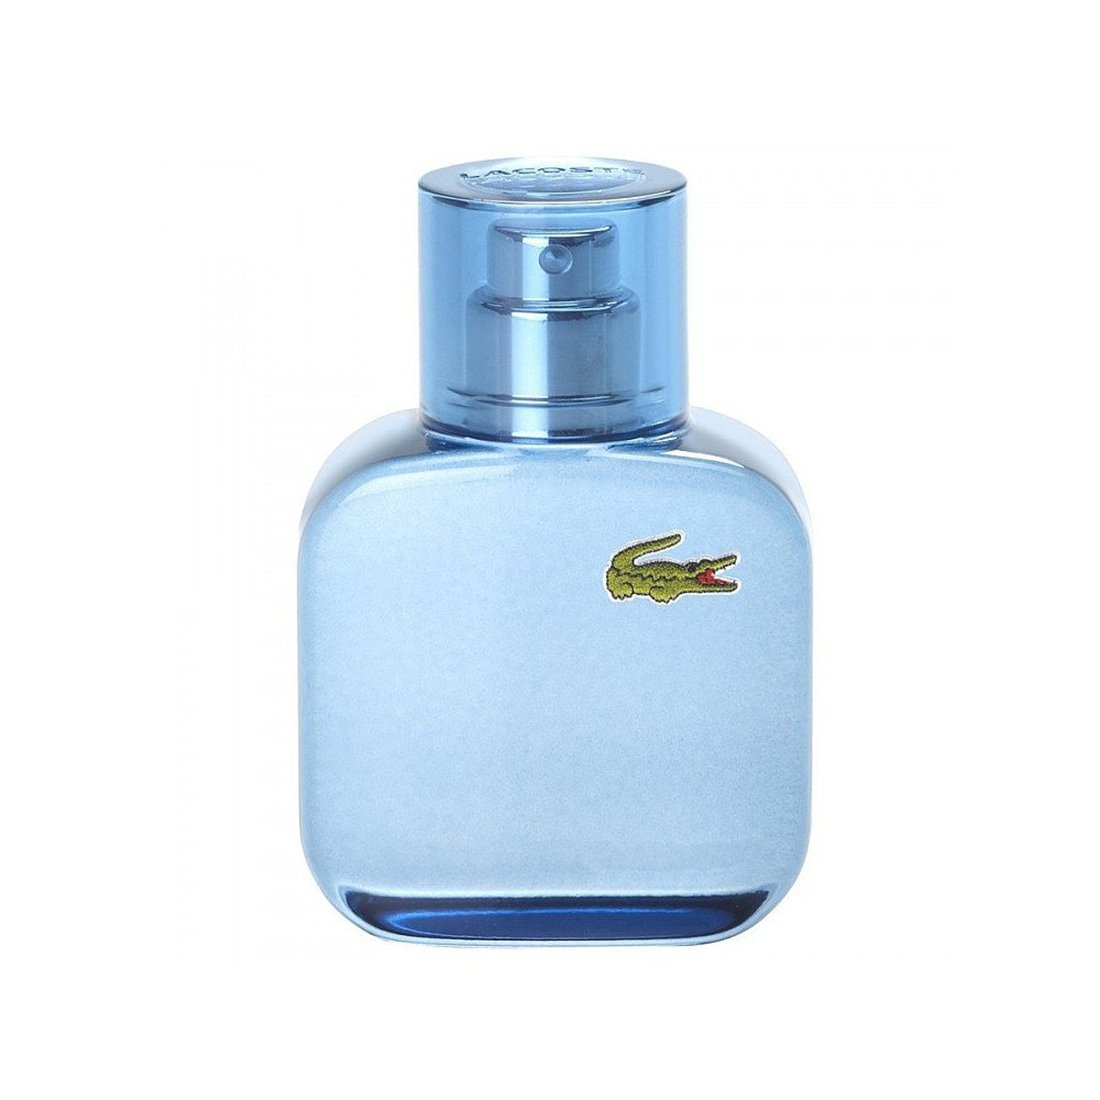 Lacoste Bleu Eau de Toilette - 30ml